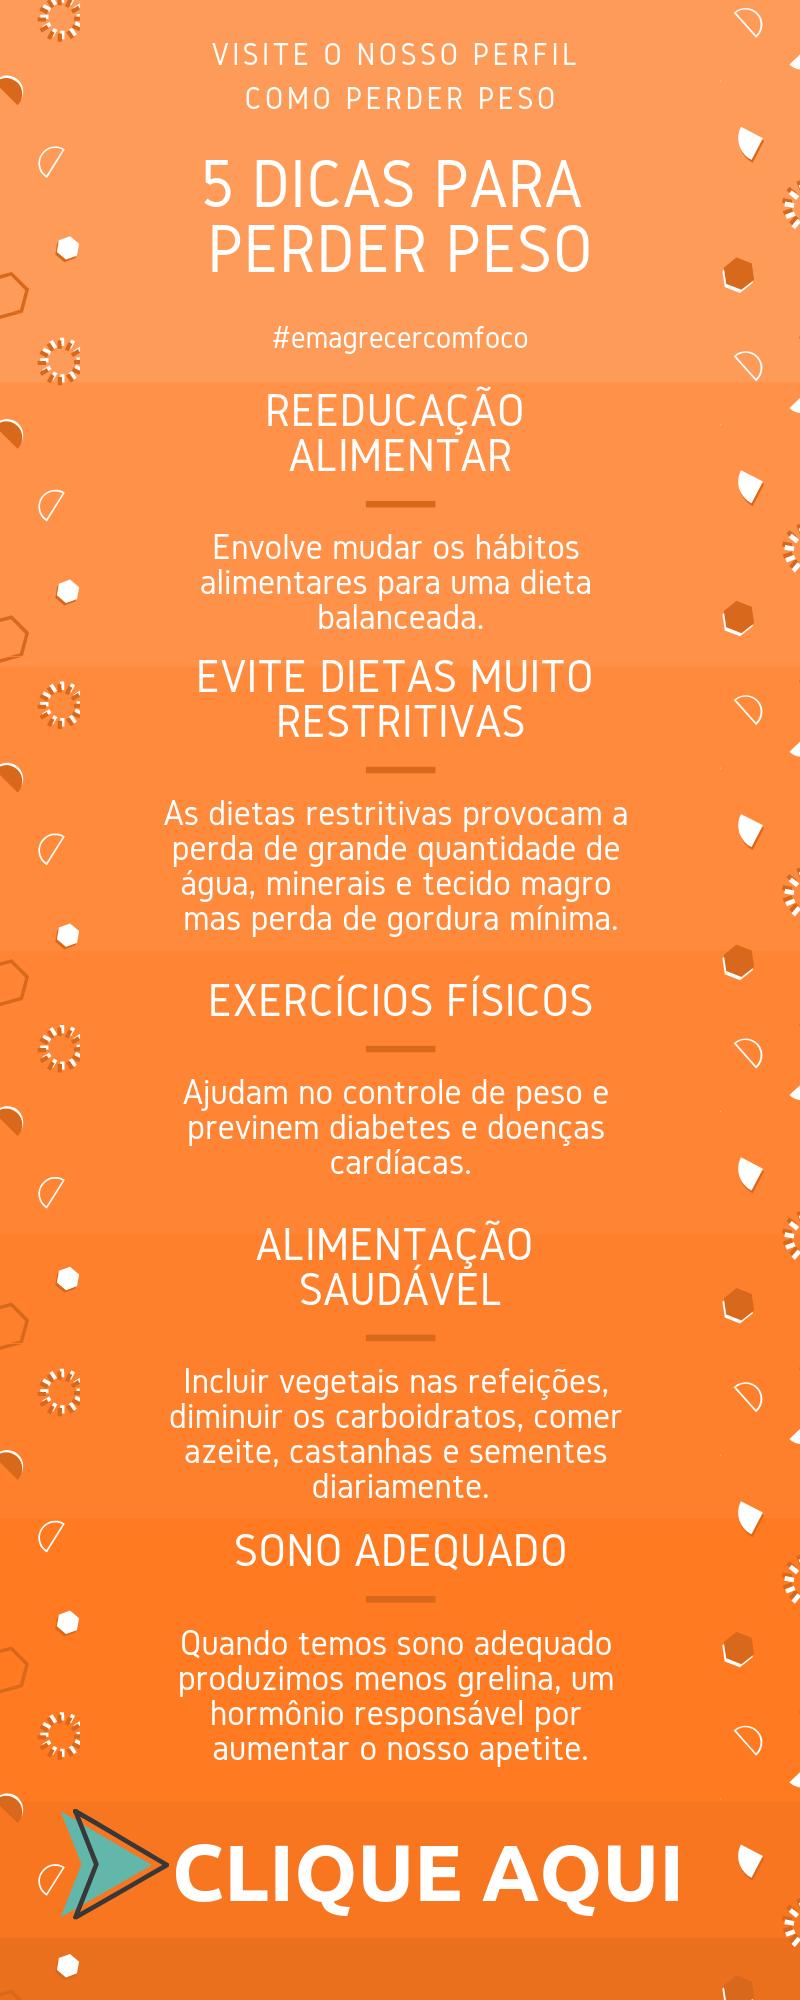 Reeducacao Alimentar Dietas Excercicios Fisicos Cardapios Saudaveis Reducao De Peso Siga Como Per Dicas Para Emagrecer Perder Peso Emagrecer